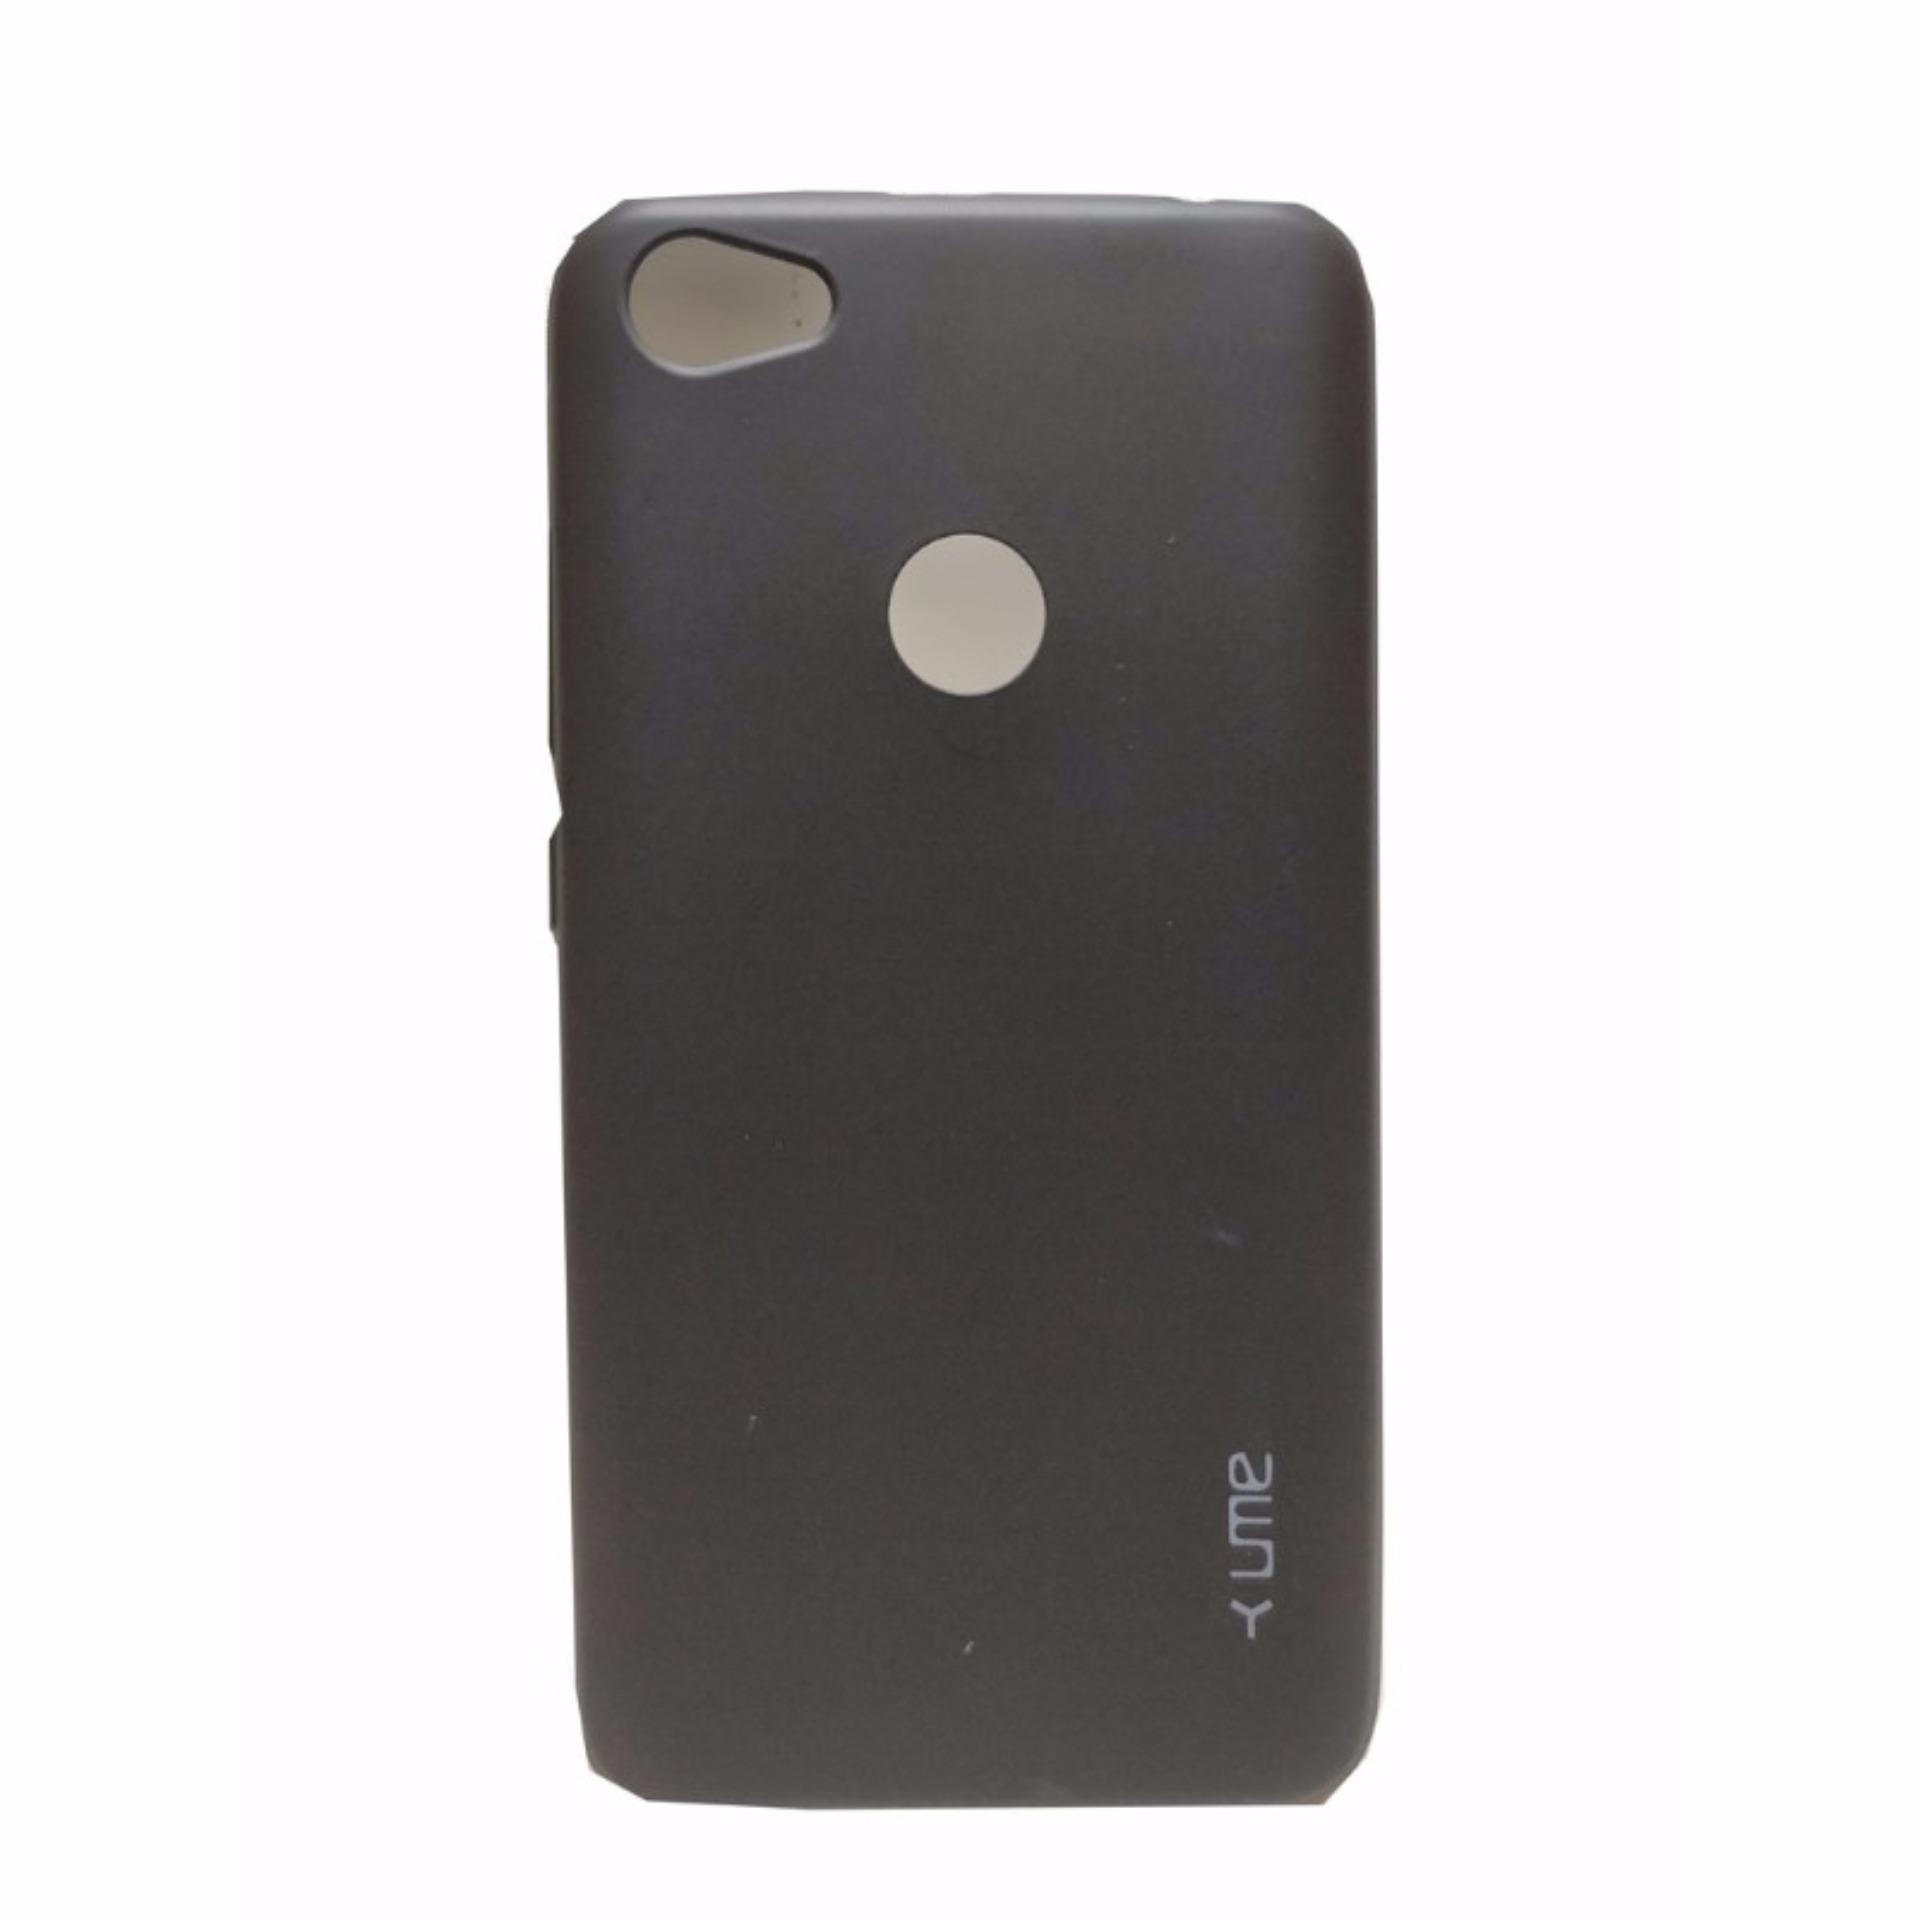 Delkin Case Transfomers Kick Stand For Xiaomi Redmi 3 Proxs Gold ... 0c93c81fc9